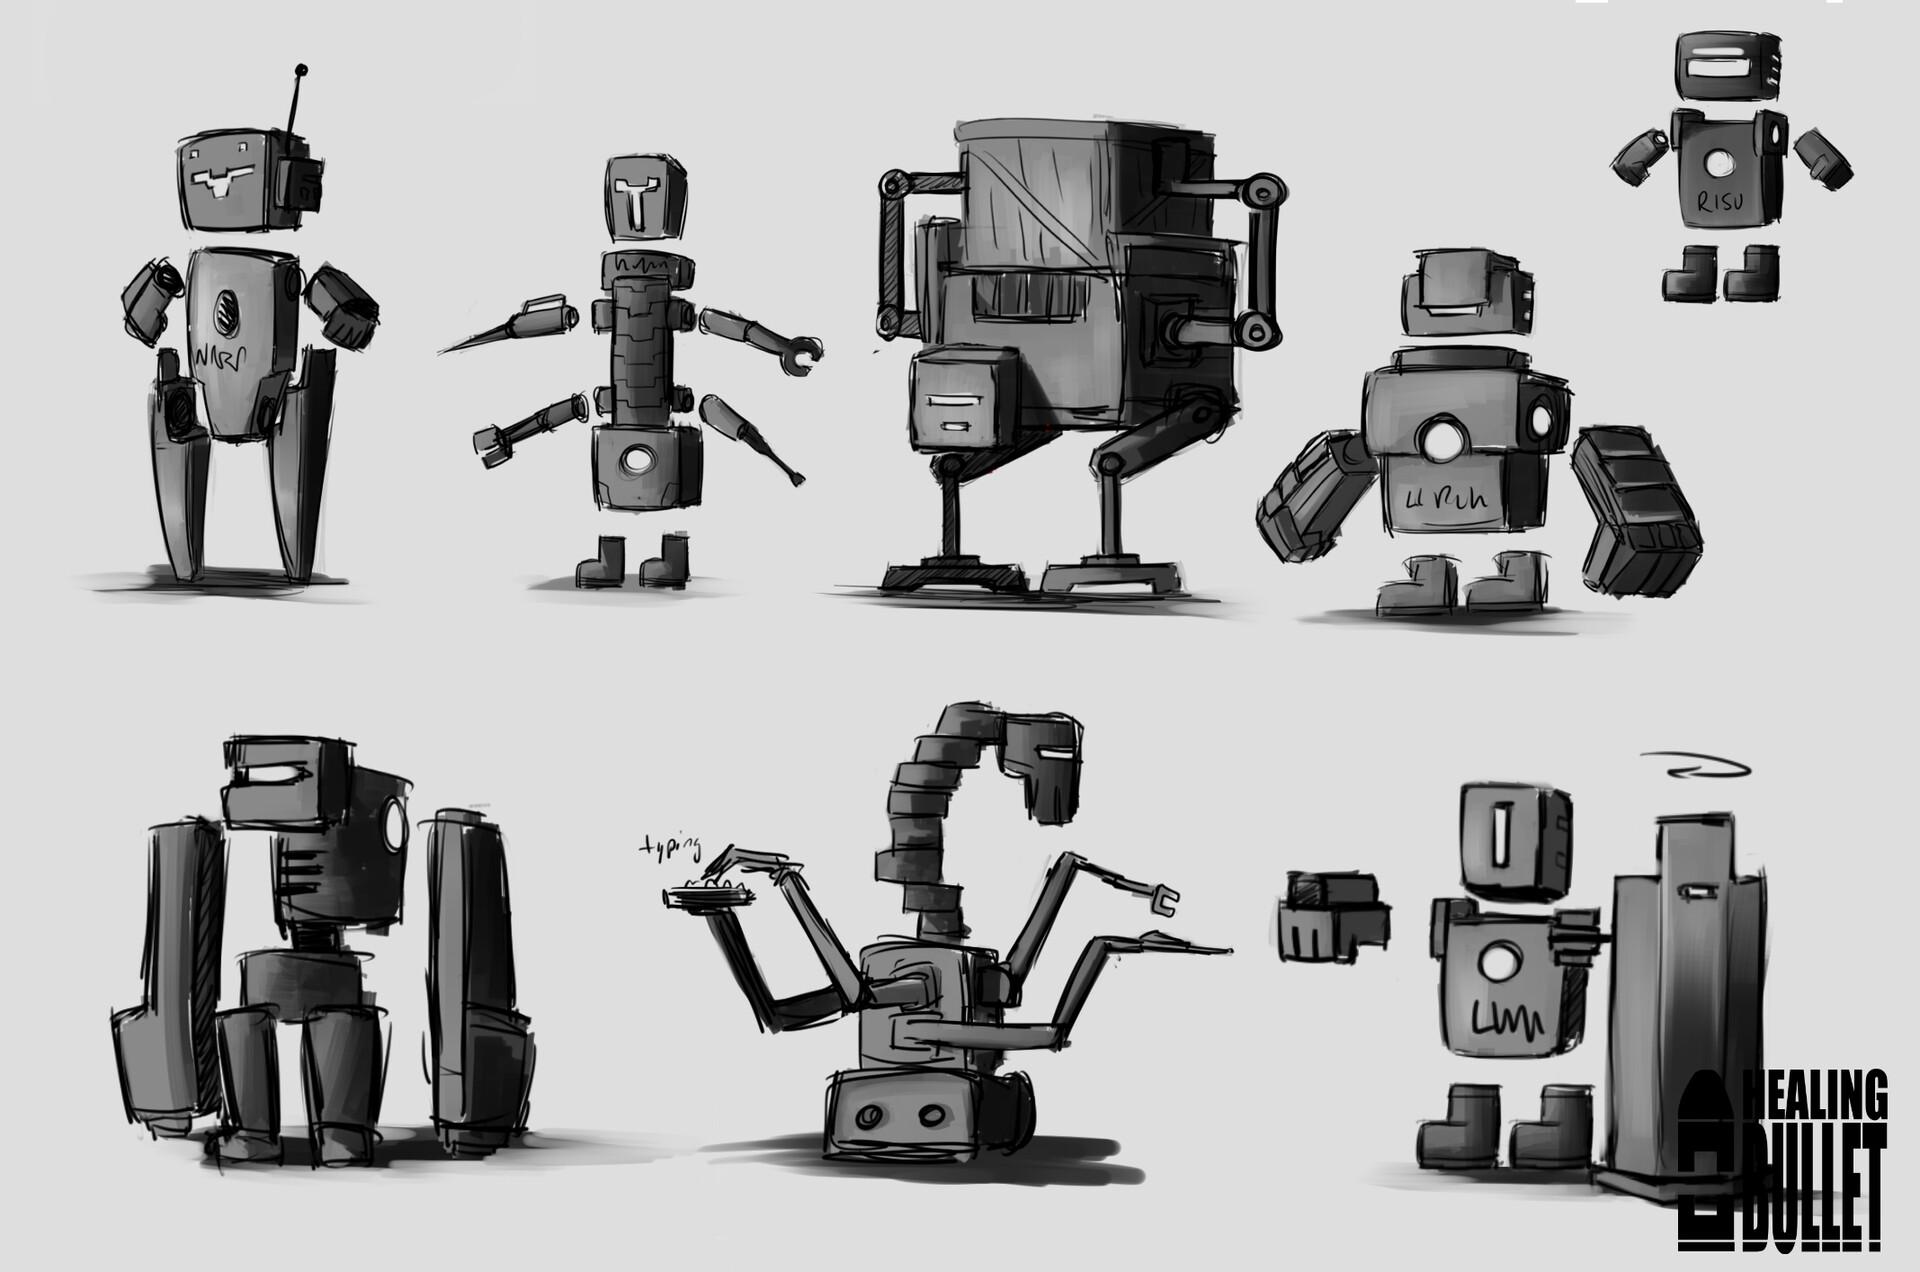 Concept art for robot NPCs